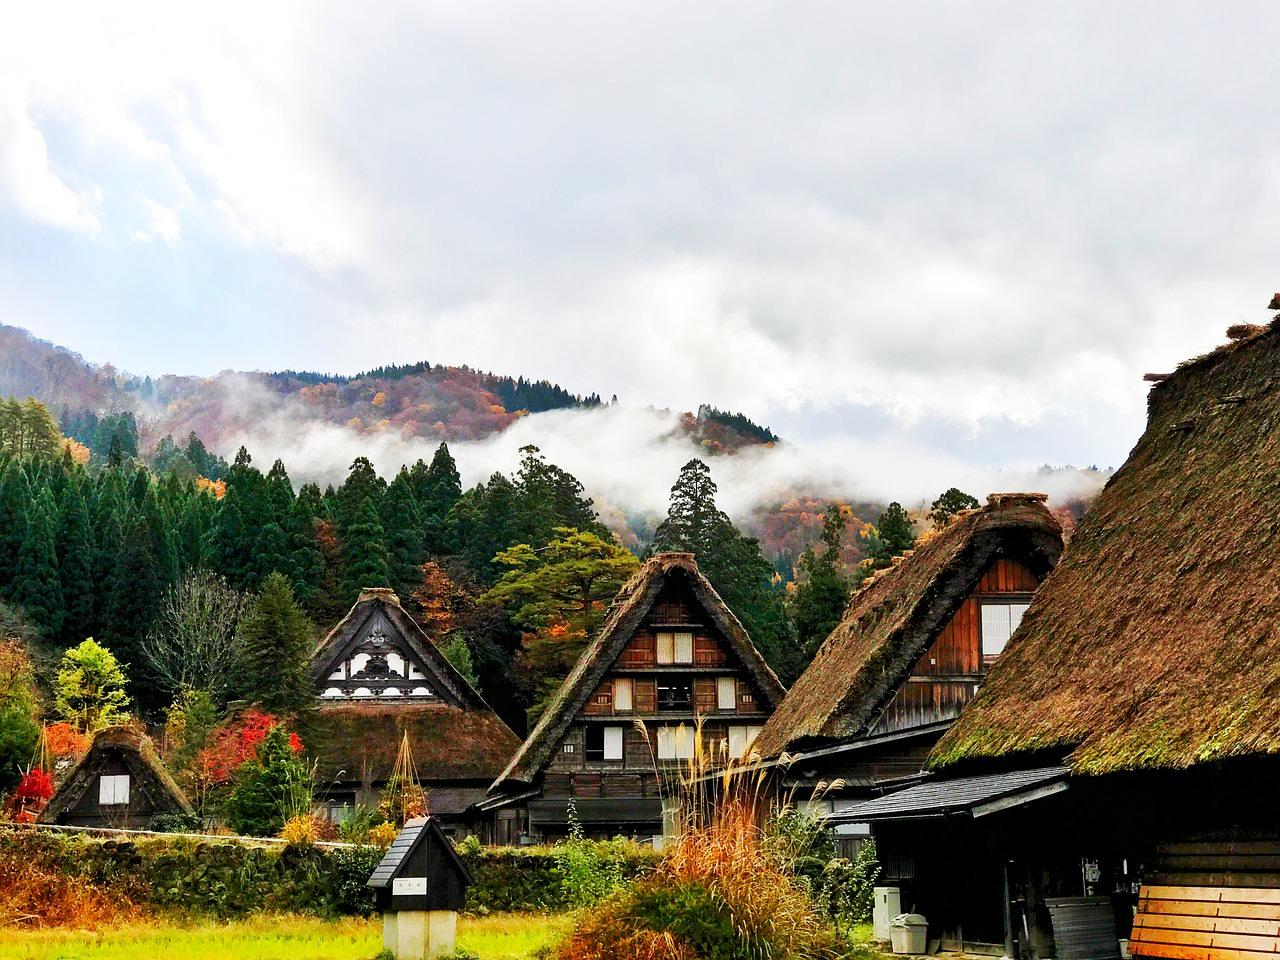 قرية شيراكاوا الريفية في اليابان جمال لا يضاها